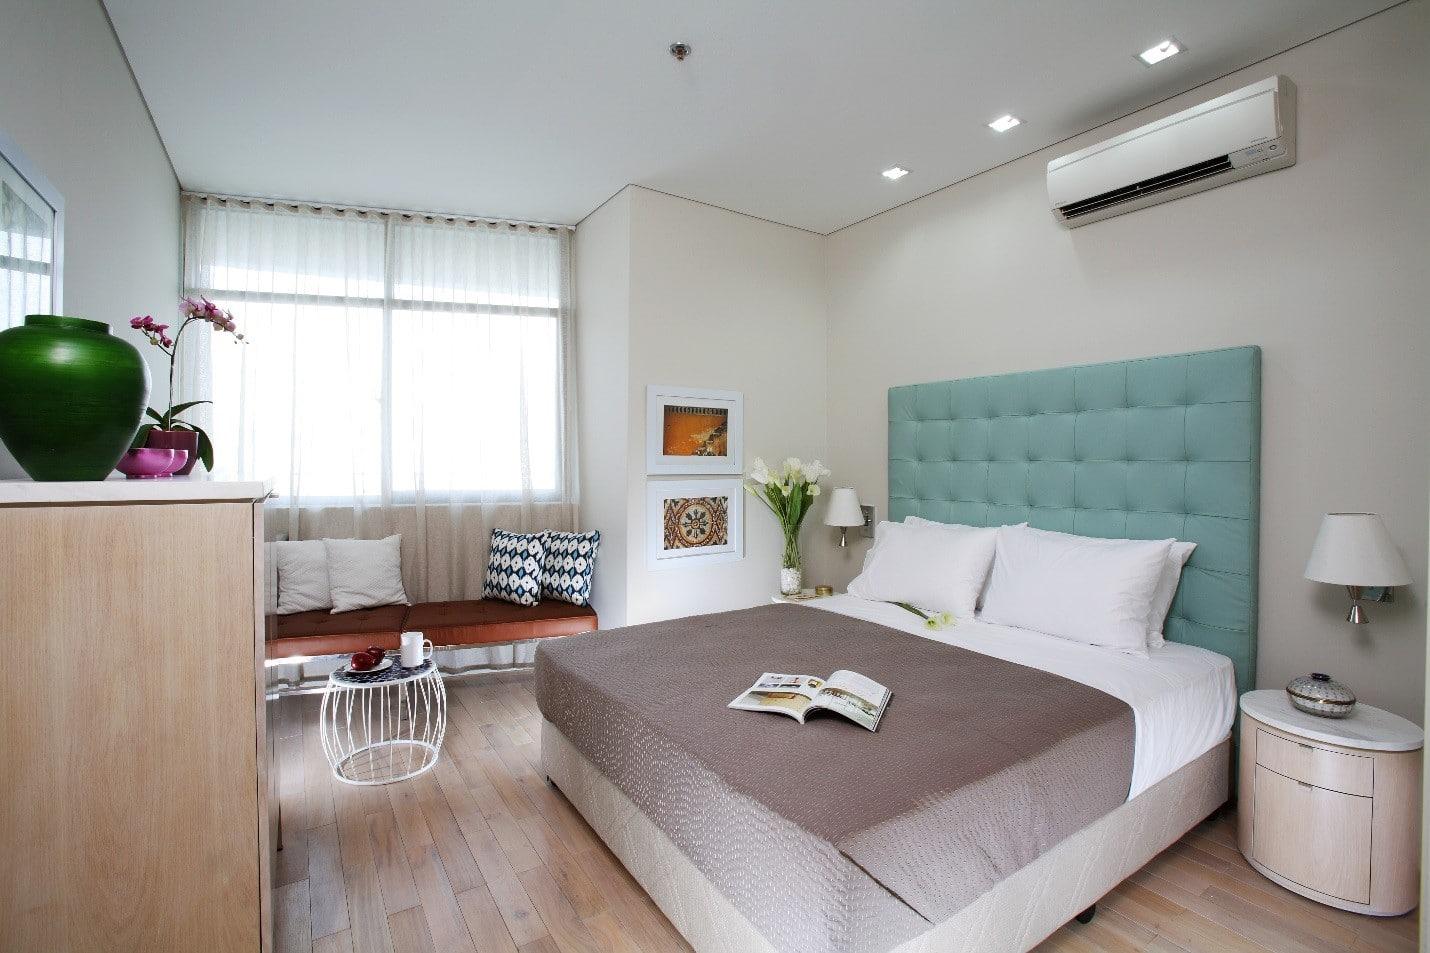 nội thất minh họa phòng ngủ dự án vincity đan phượng